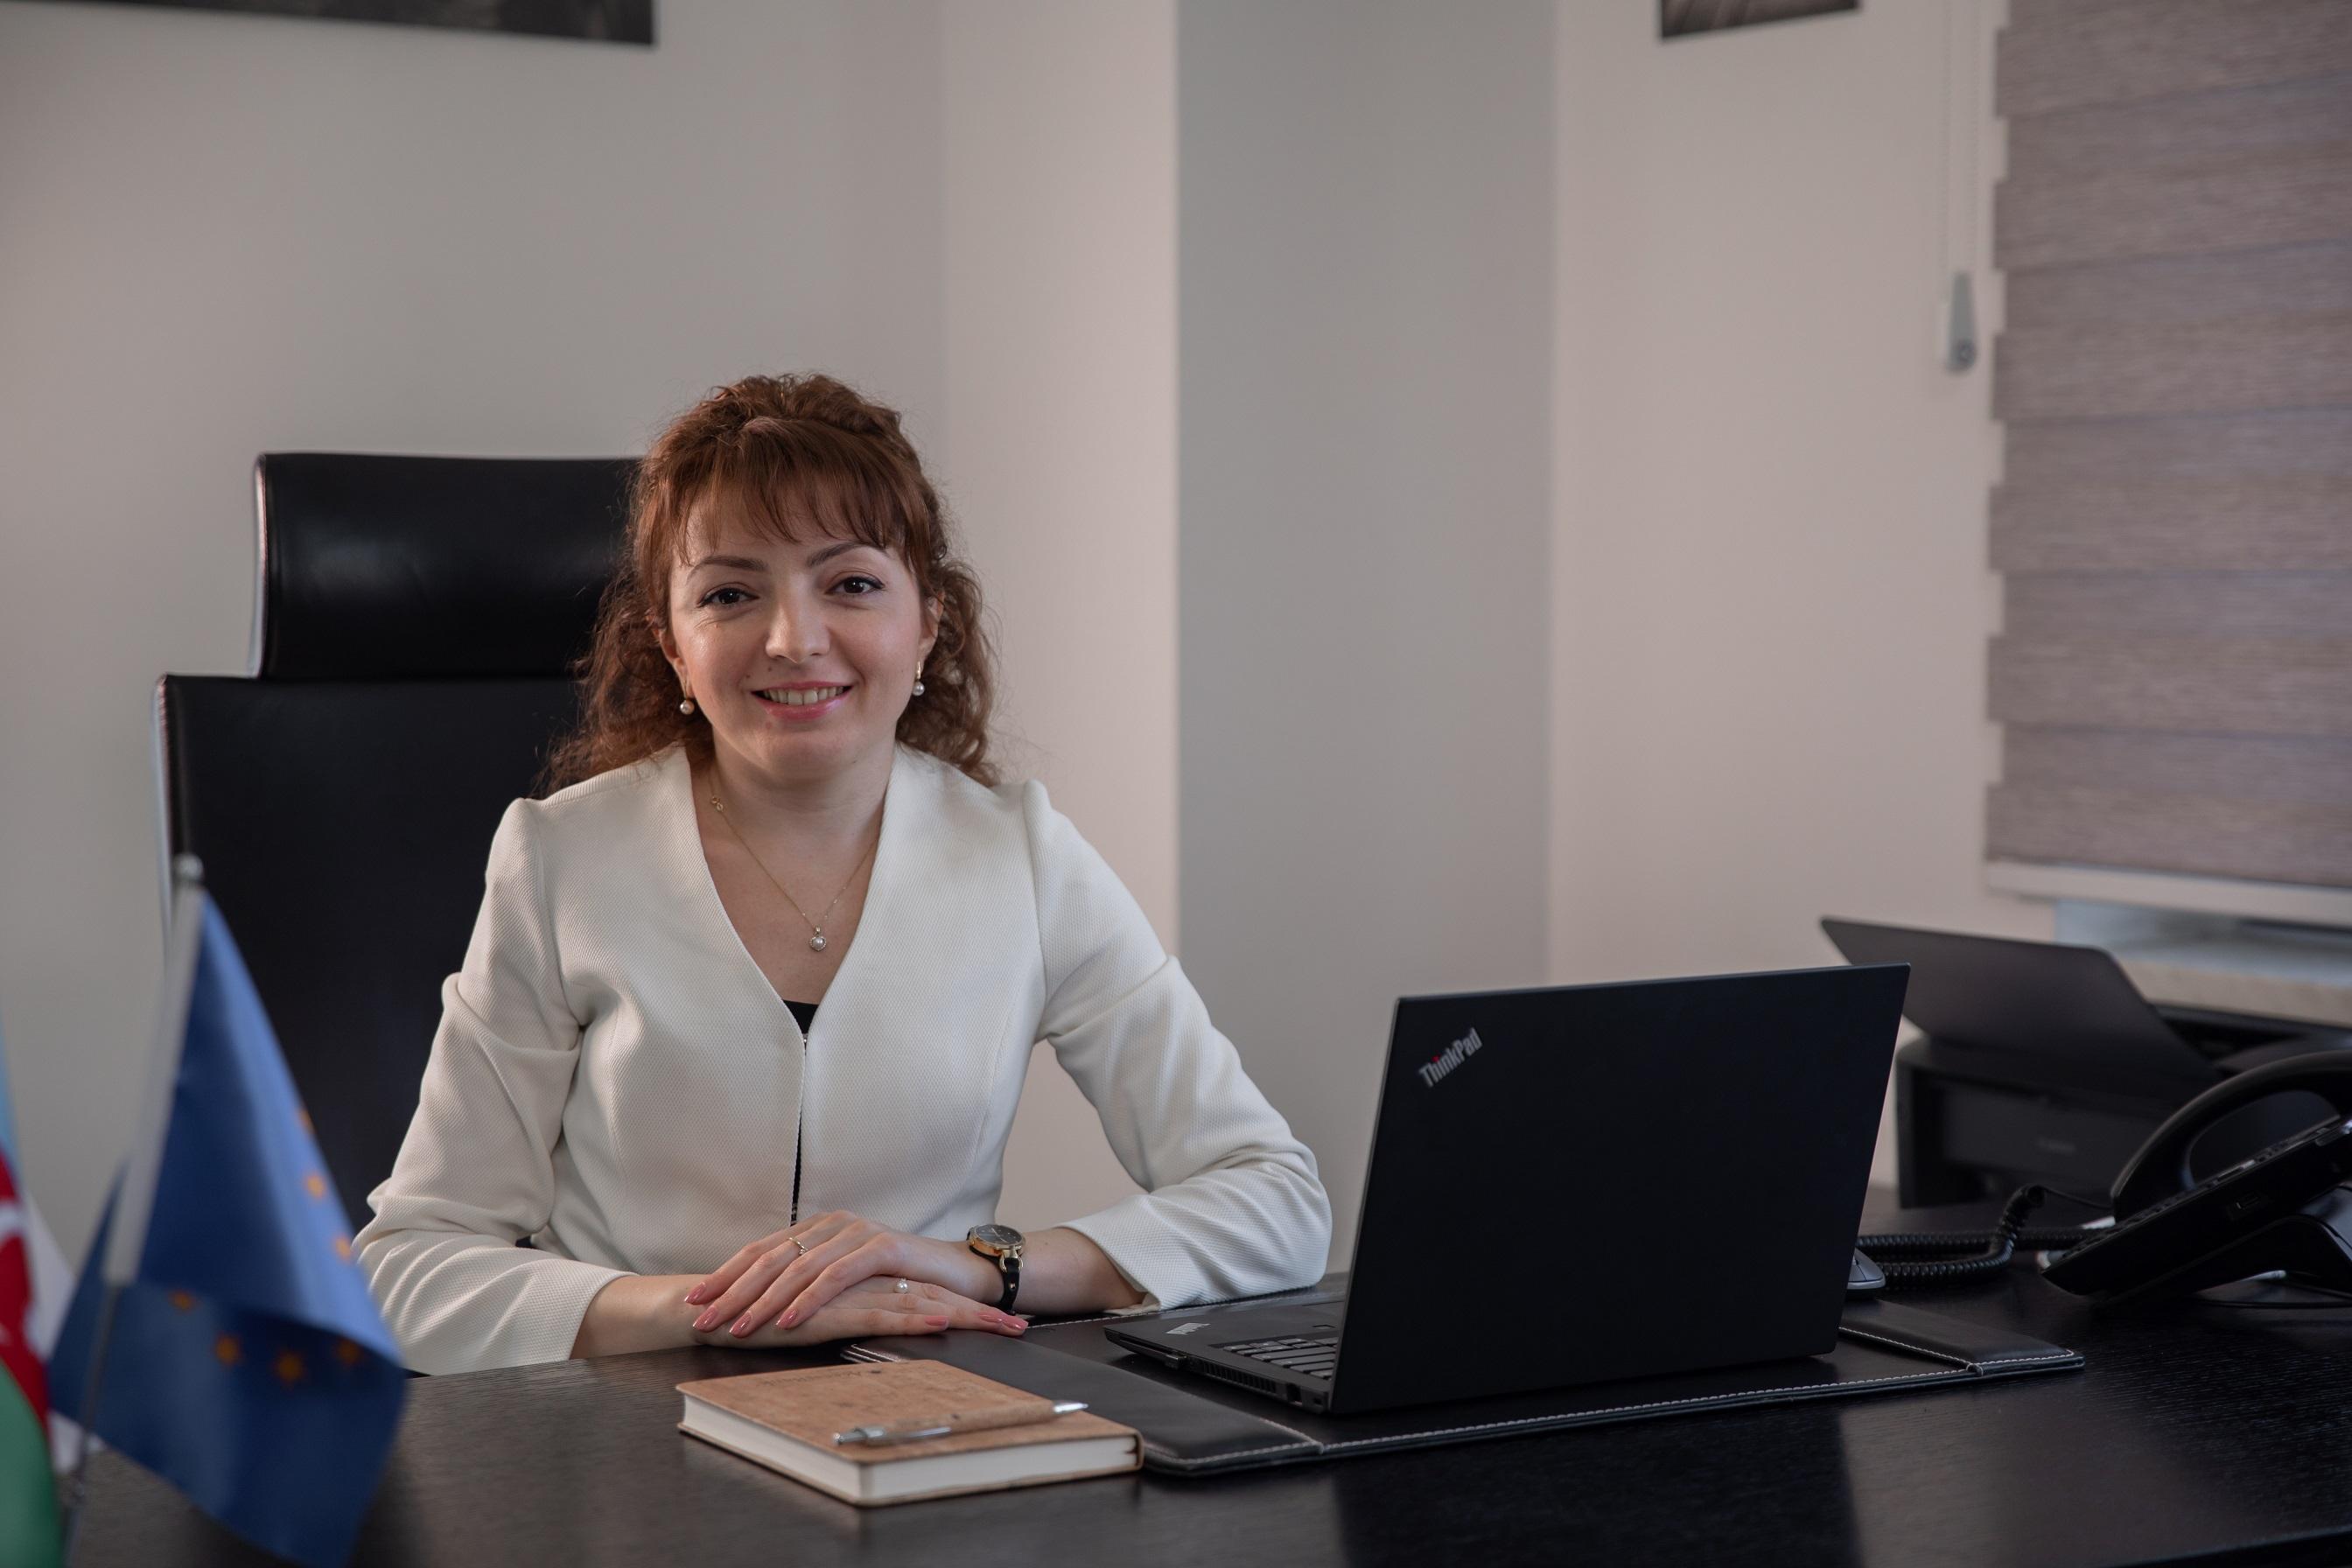 Лица AccessBank: Надежда Гусейнова: «Мы стоим за банк горой»